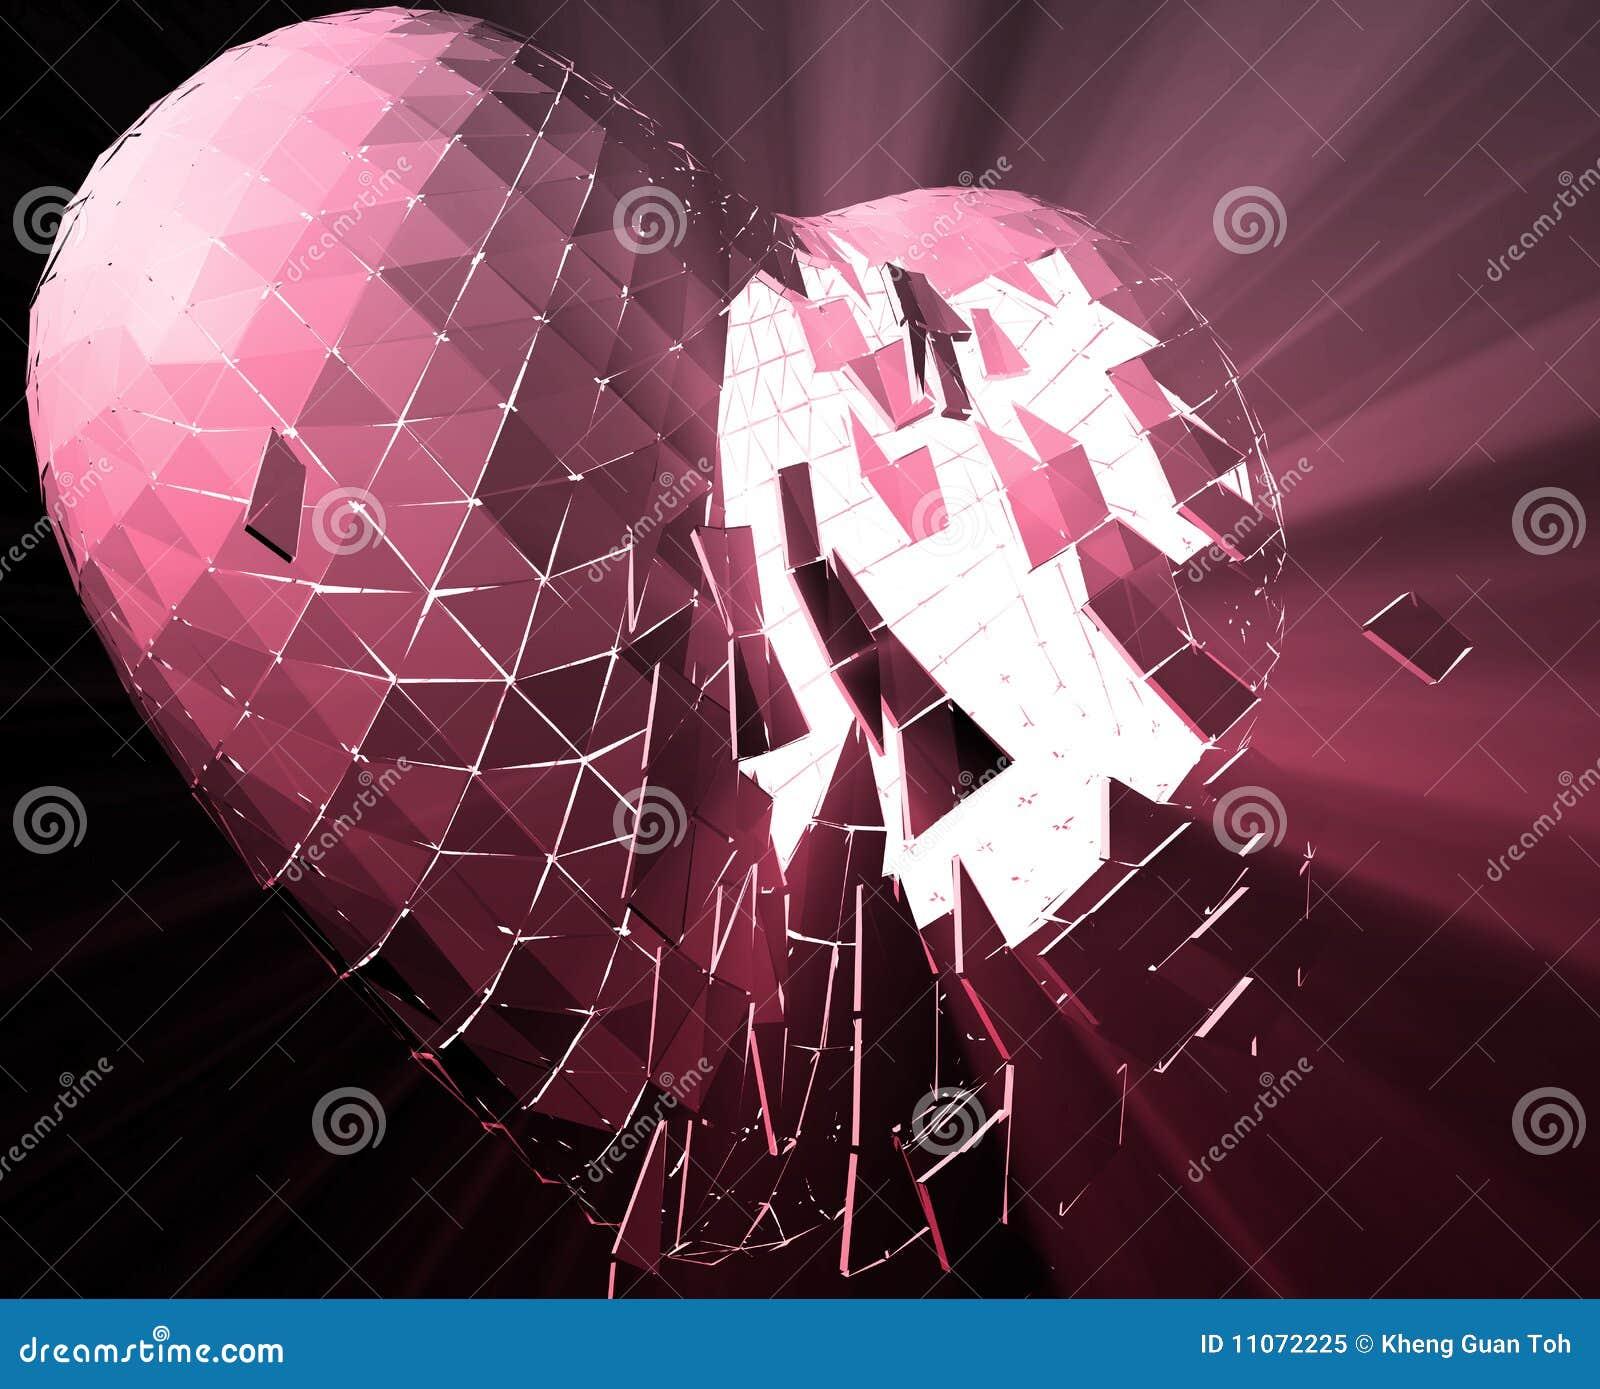 Broken Heart Illustration Stock Illustration Illustration Of